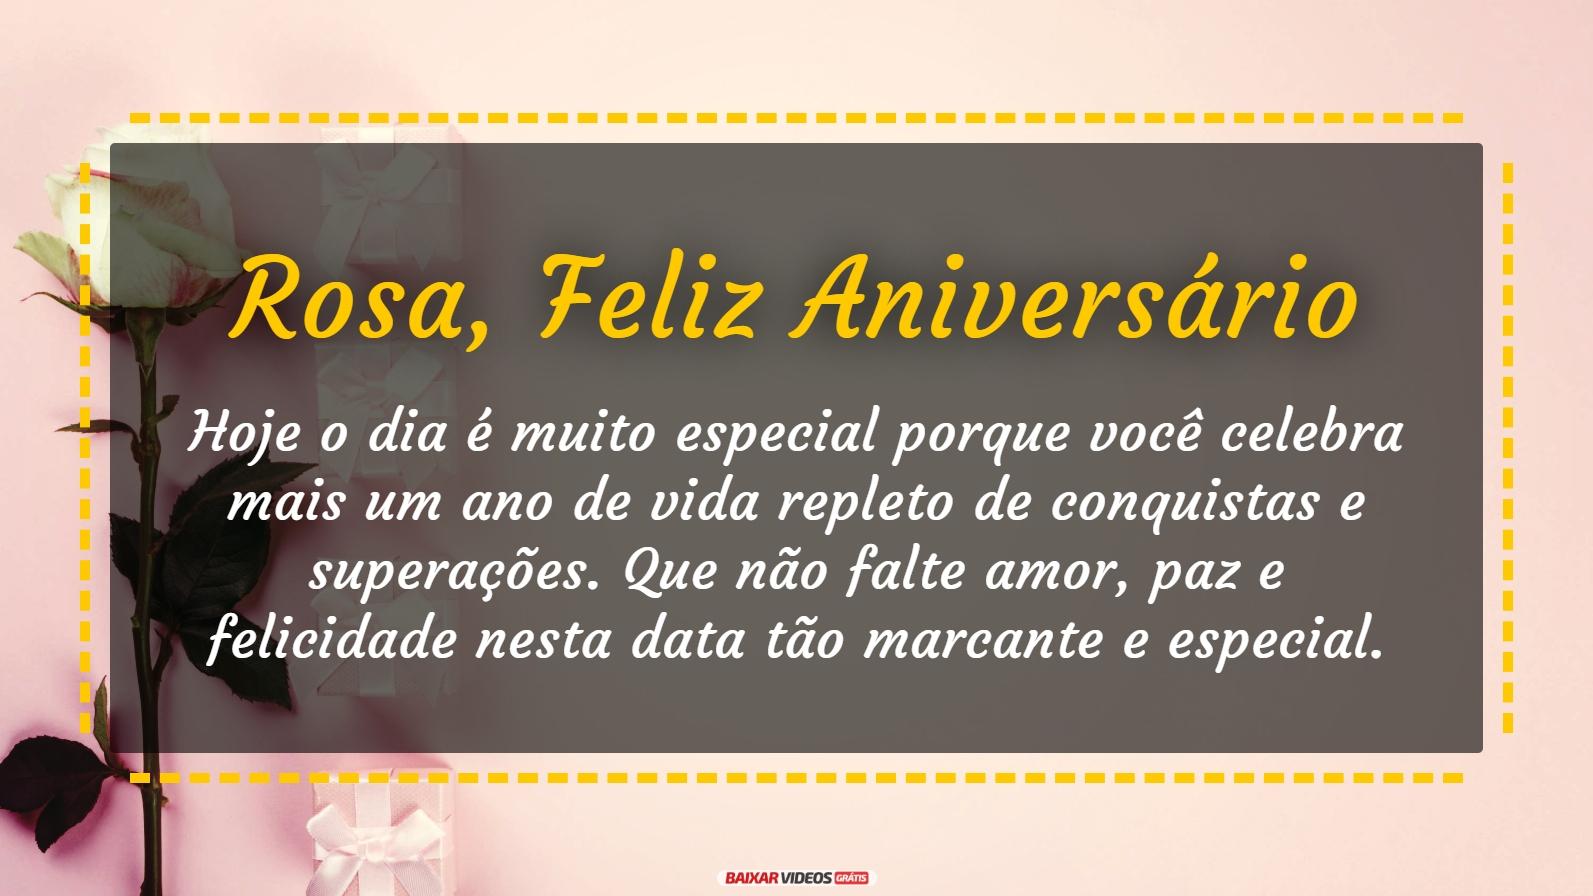 Rosa, hoje o dia é muito especial porque você celebra mais um ano de vida repleto de conquistas e superações. Que não falte amor, paz e felicidade nesta data tão marcante e especial. Feliz Aniversário!